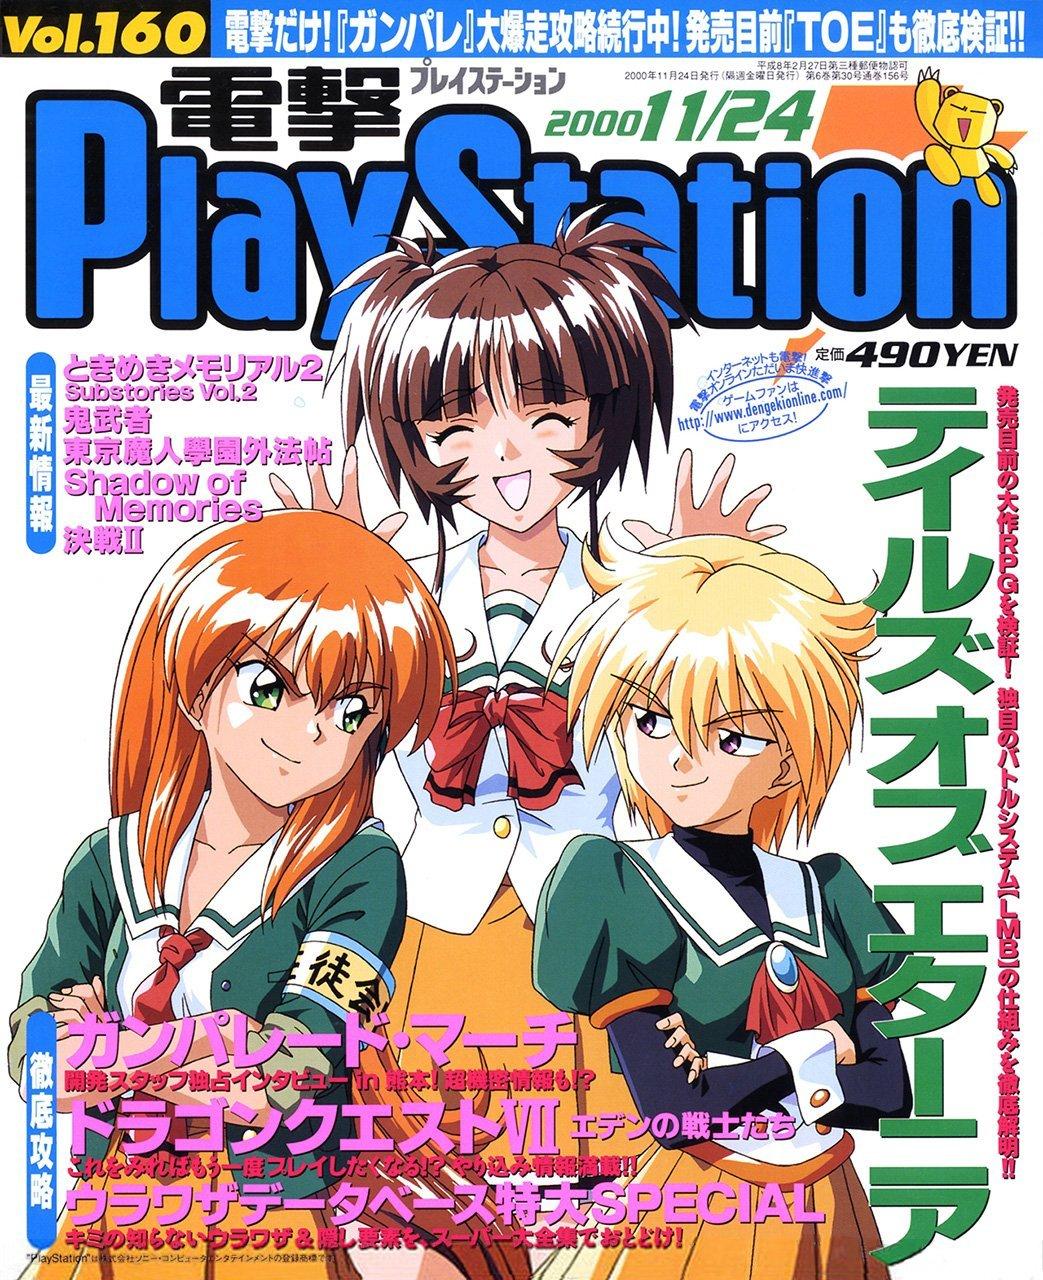 Dengeki PlayStation 160 (November 24, 2000)